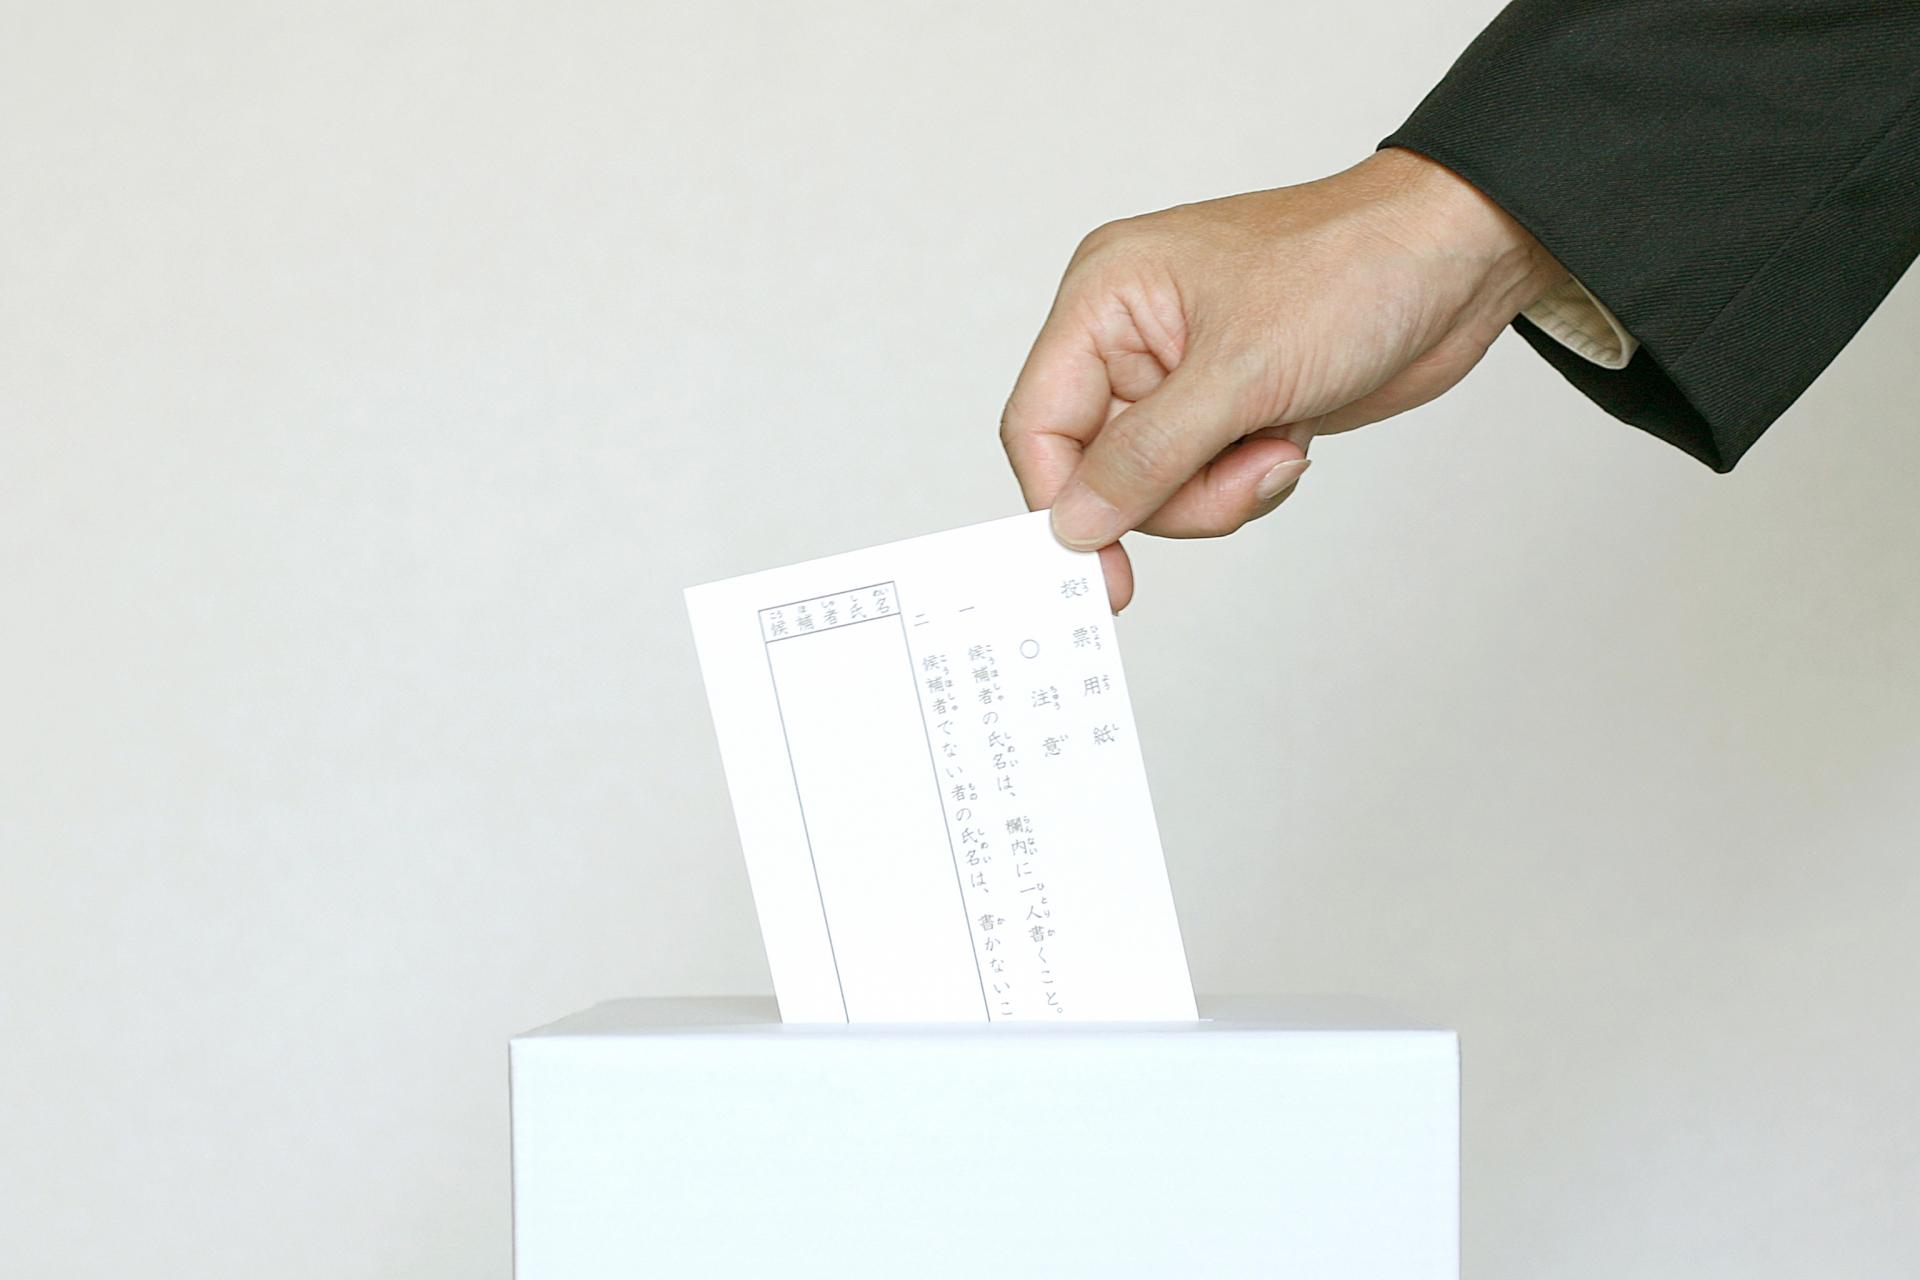 なぜ開票率1%で当確が出るのか?